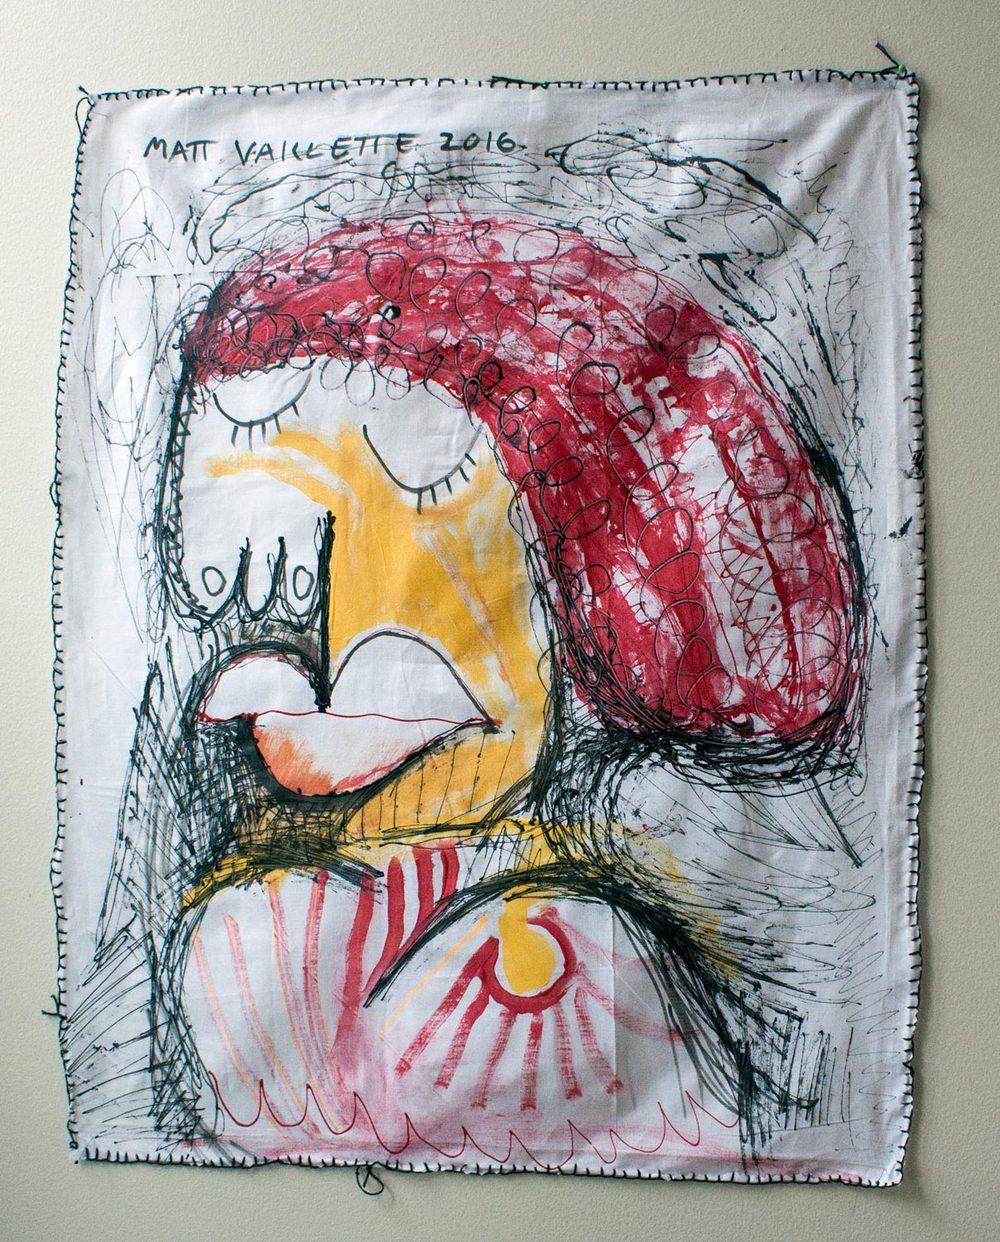 mixed-media-art_tapestry_matt-vaillette.jpg